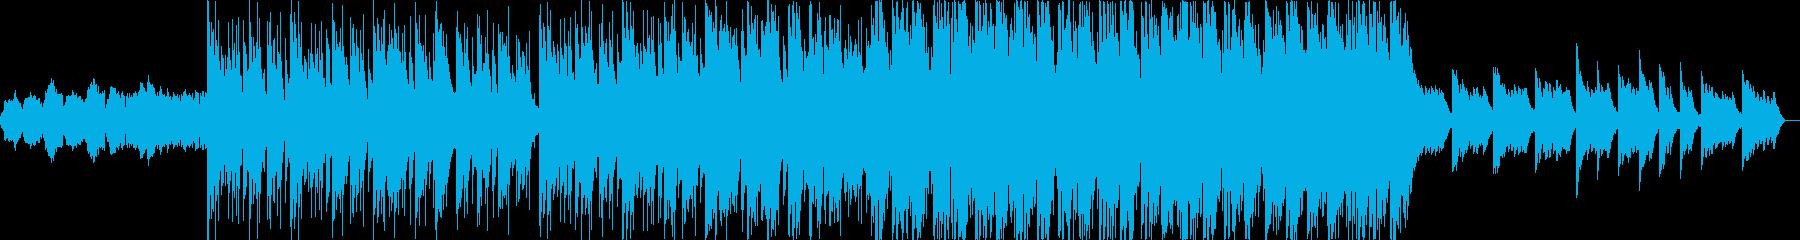 ドラマチックなストリングスが特徴のBGMの再生済みの波形